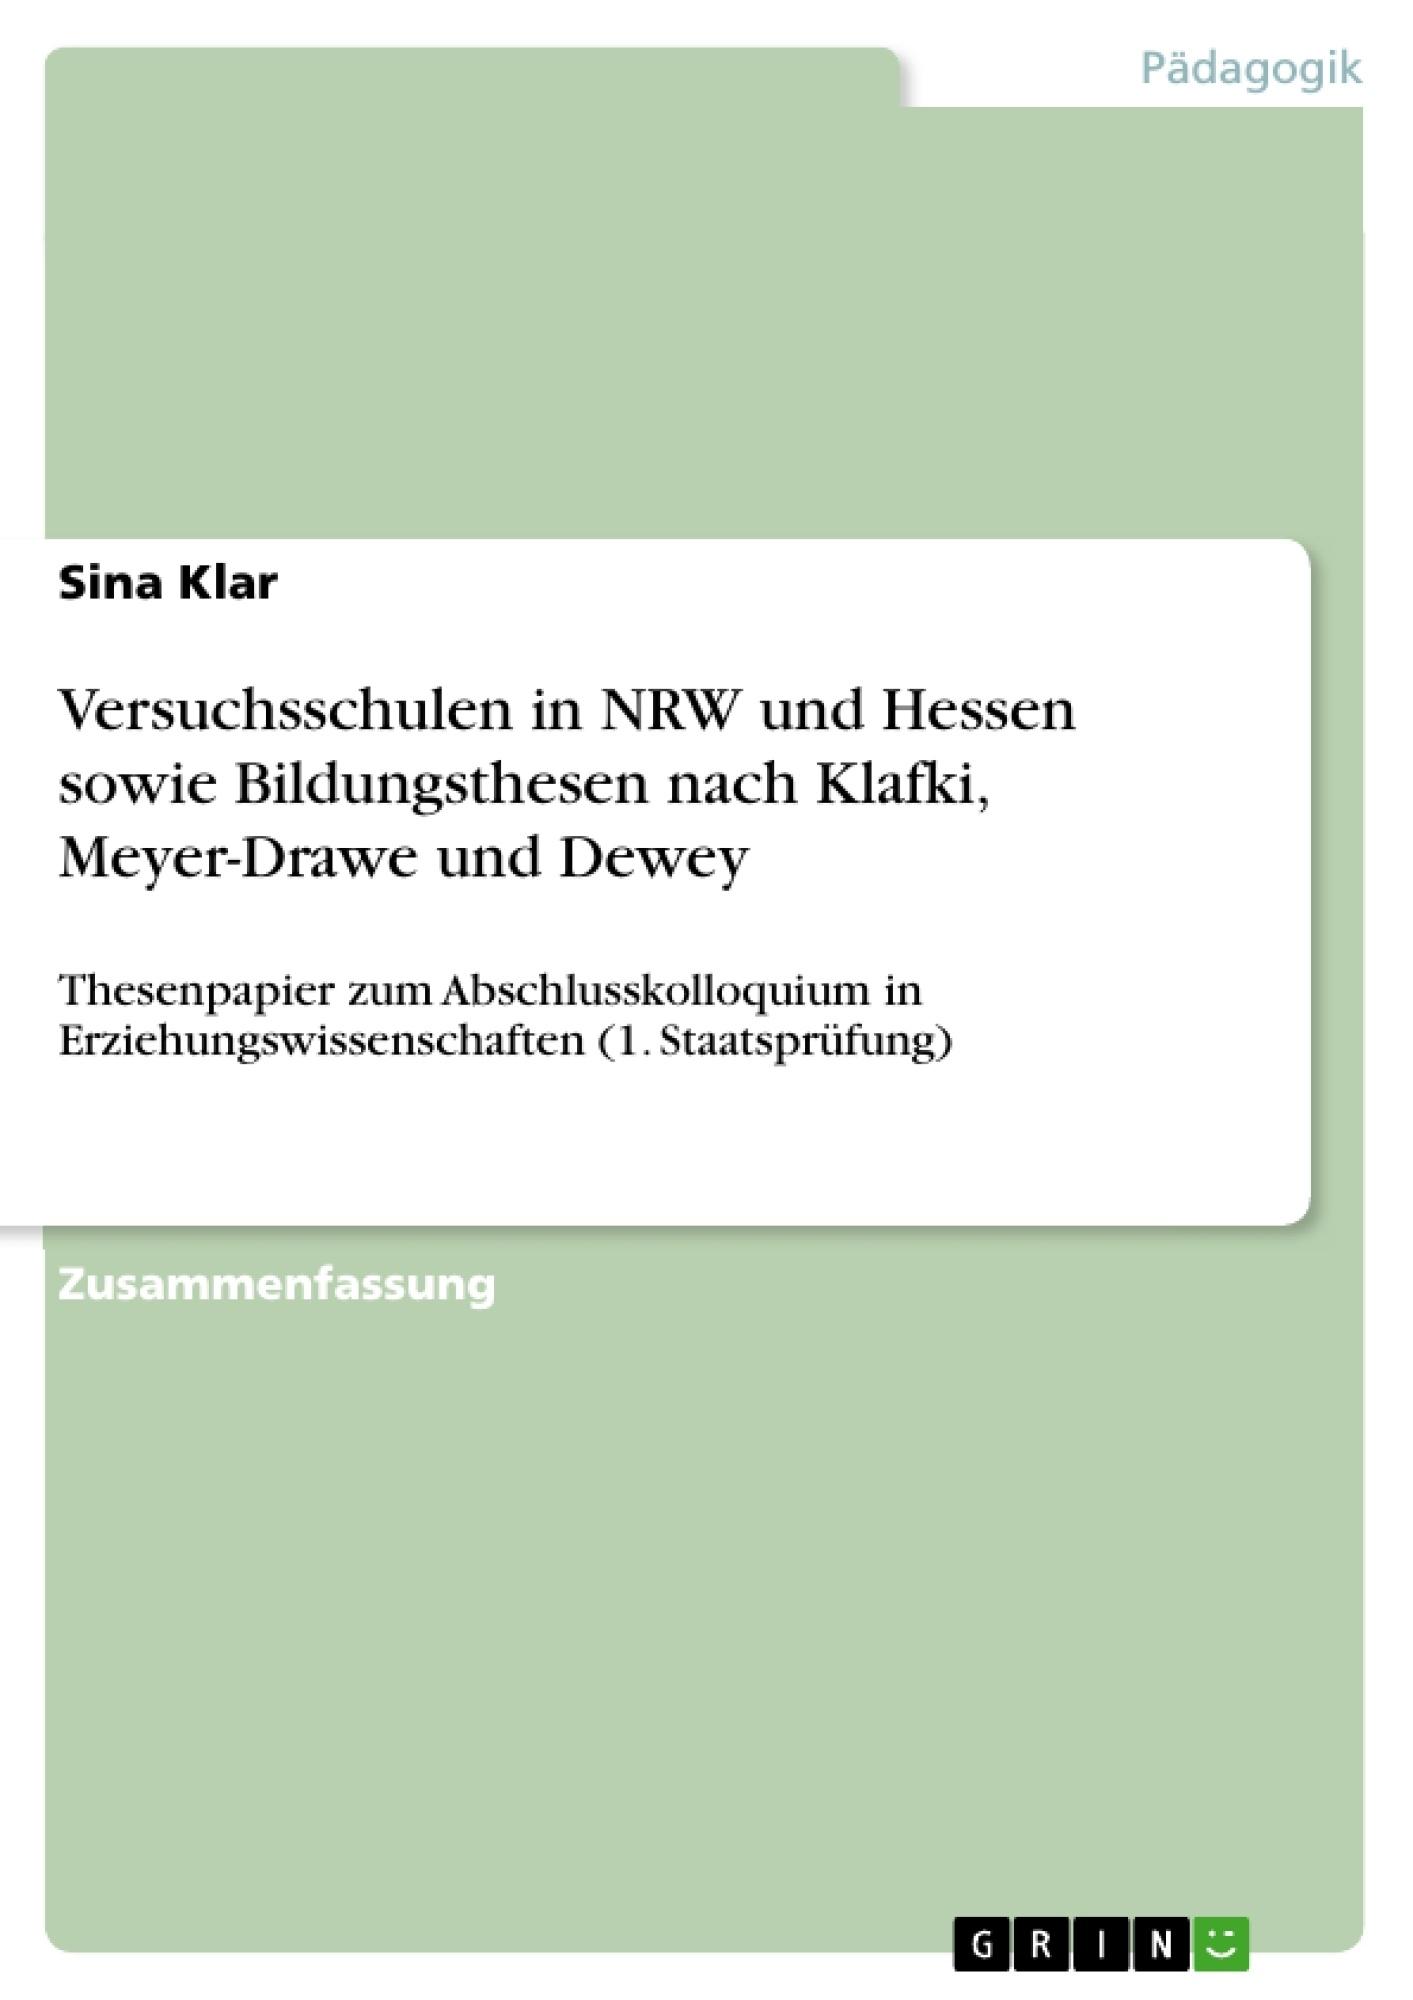 Titel: Versuchsschulen in NRW und Hessen sowie Bildungsthesen nach Klafki, Meyer-Drawe und Dewey